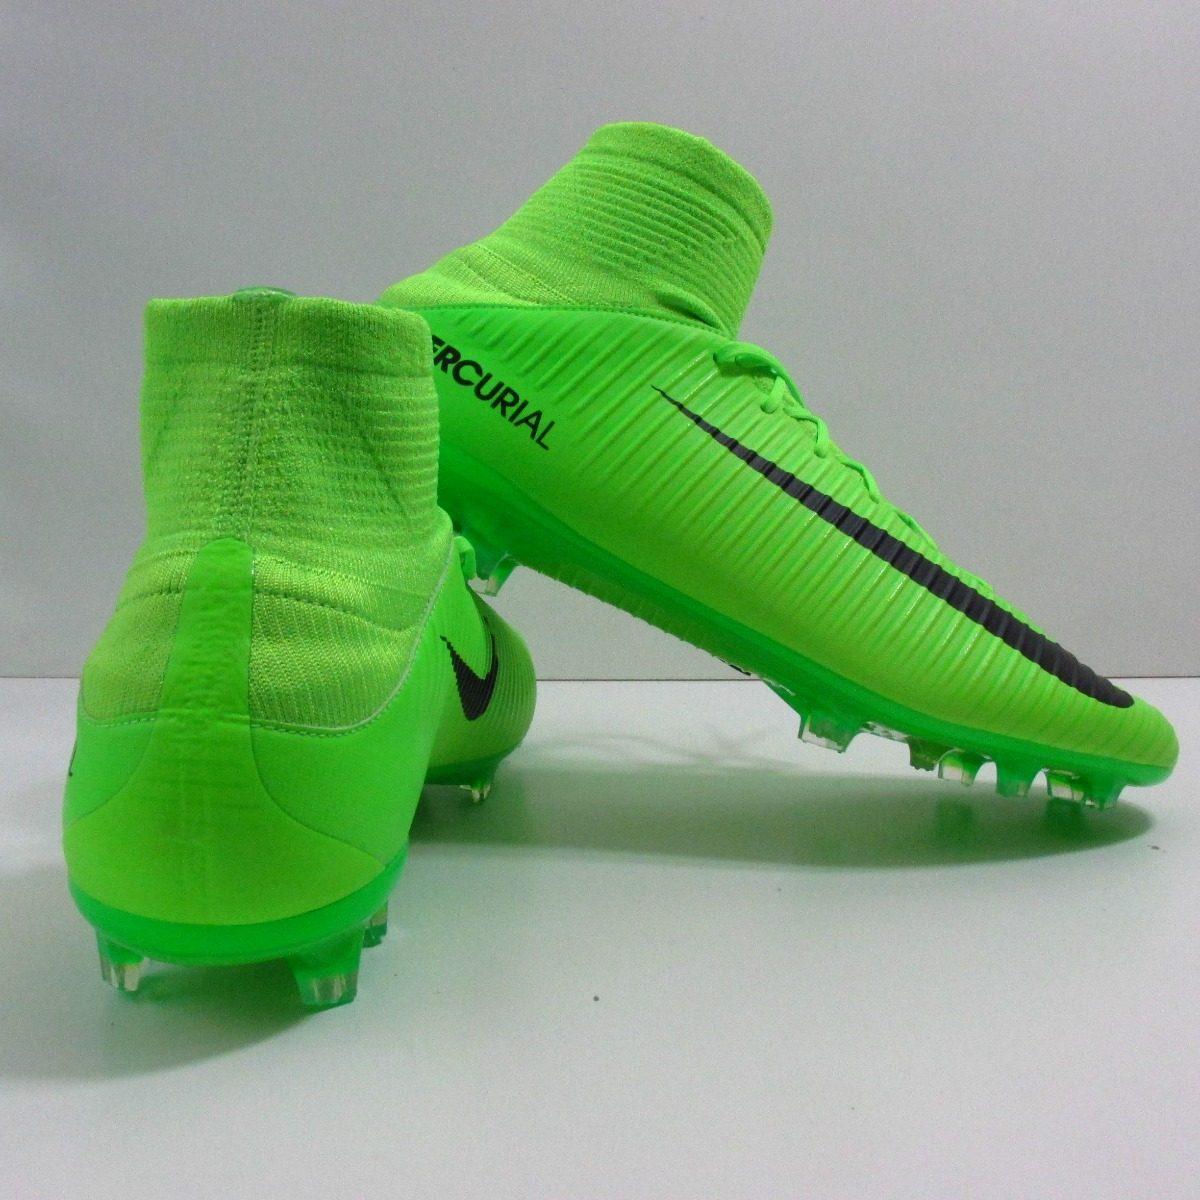 f44d52ab85fe7 Chuteira Campo Nike Mercurial Veloce Fg Original - R$ 549,00 em ...